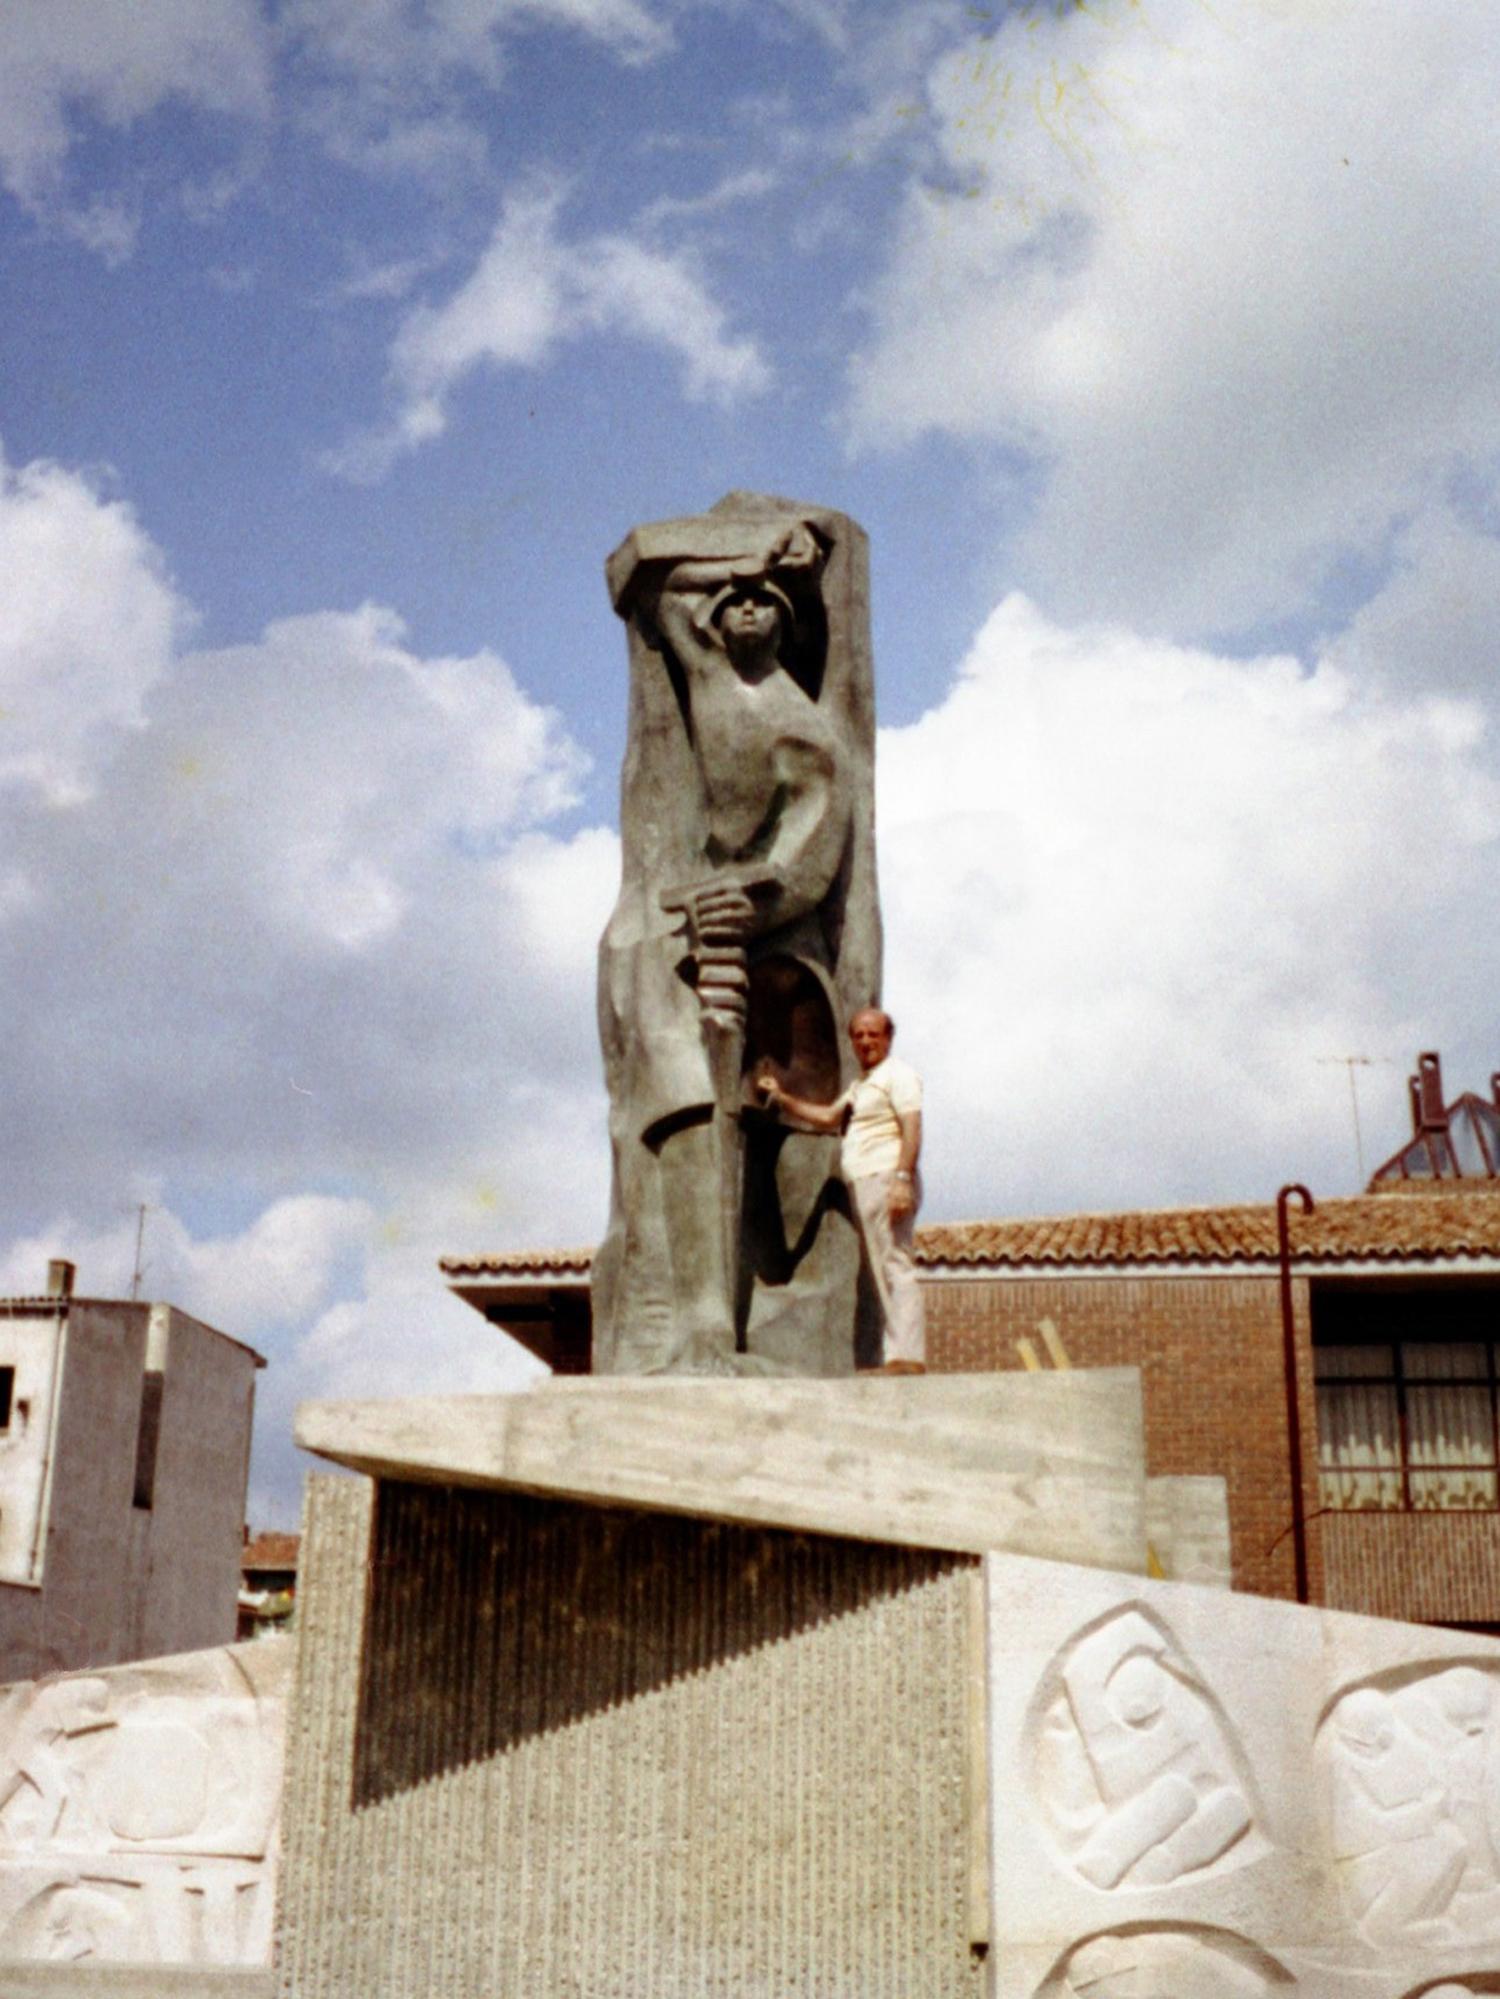 1975.7. JHC, en el Monumento al Minero ya montado, Guardo, Palencia, junio 1975